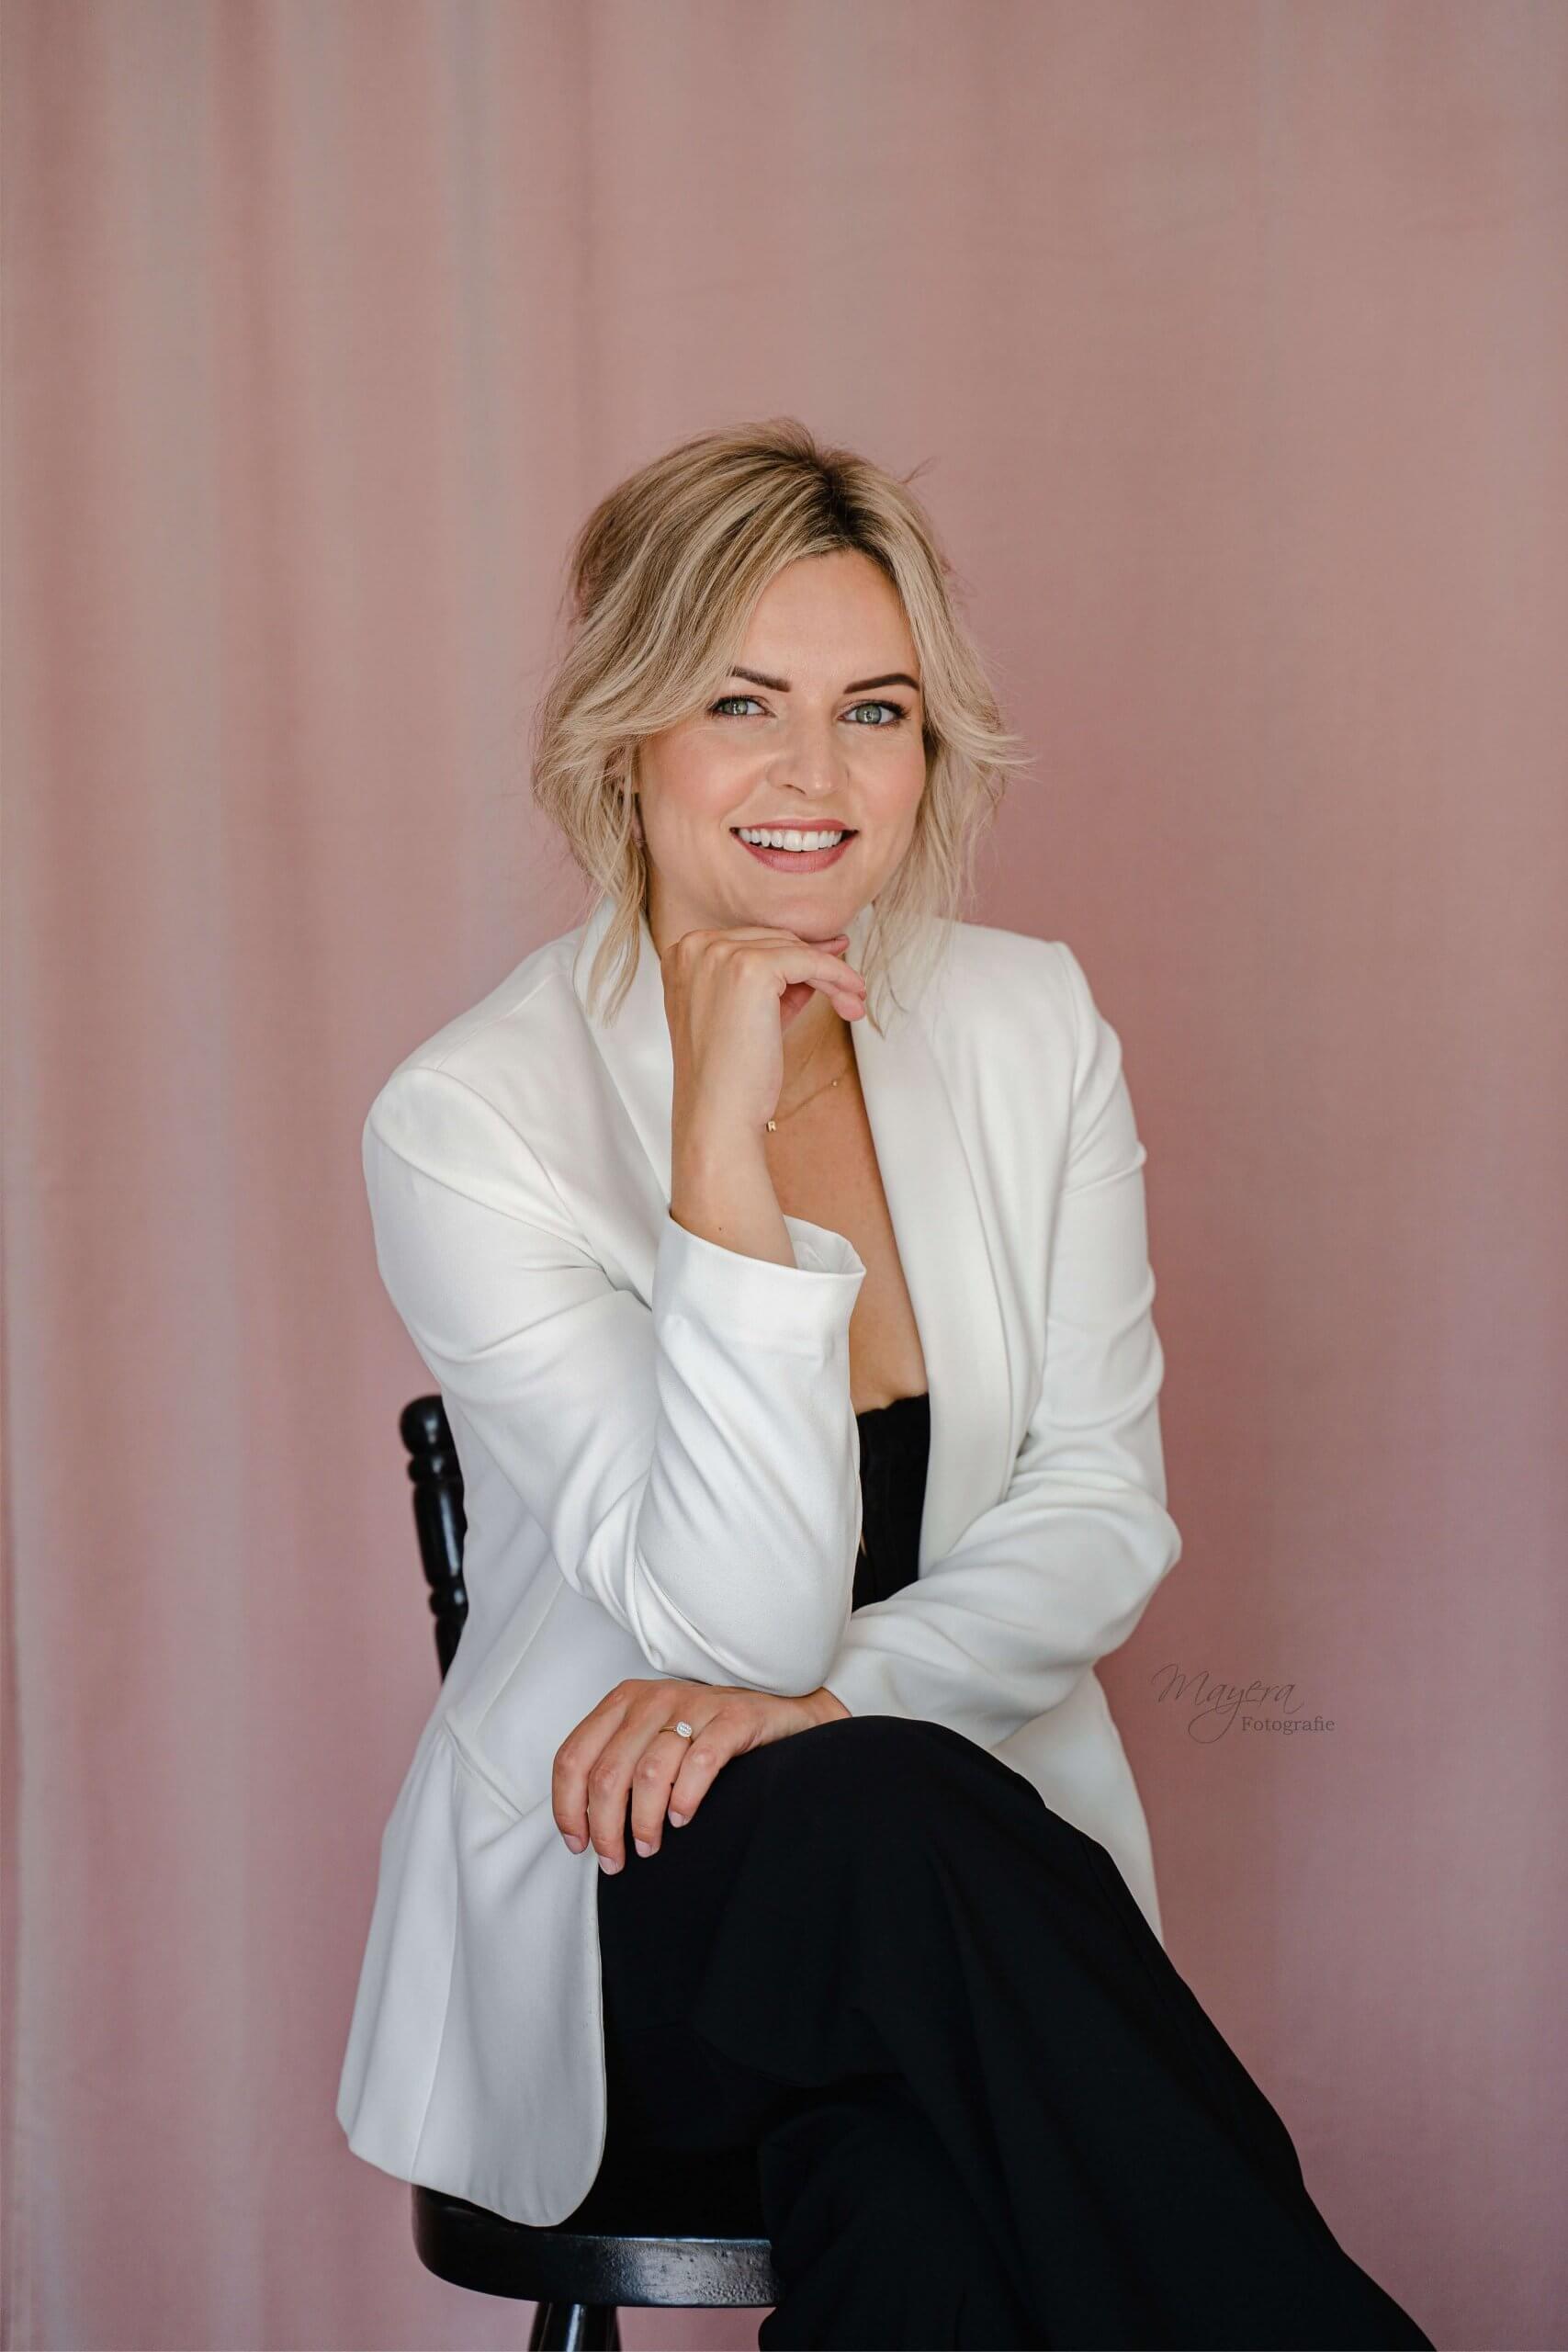 Branding feed bedrijfsreportage vrouwelijke ondernemer instagram mua make up wijk bij duurstede utrecht